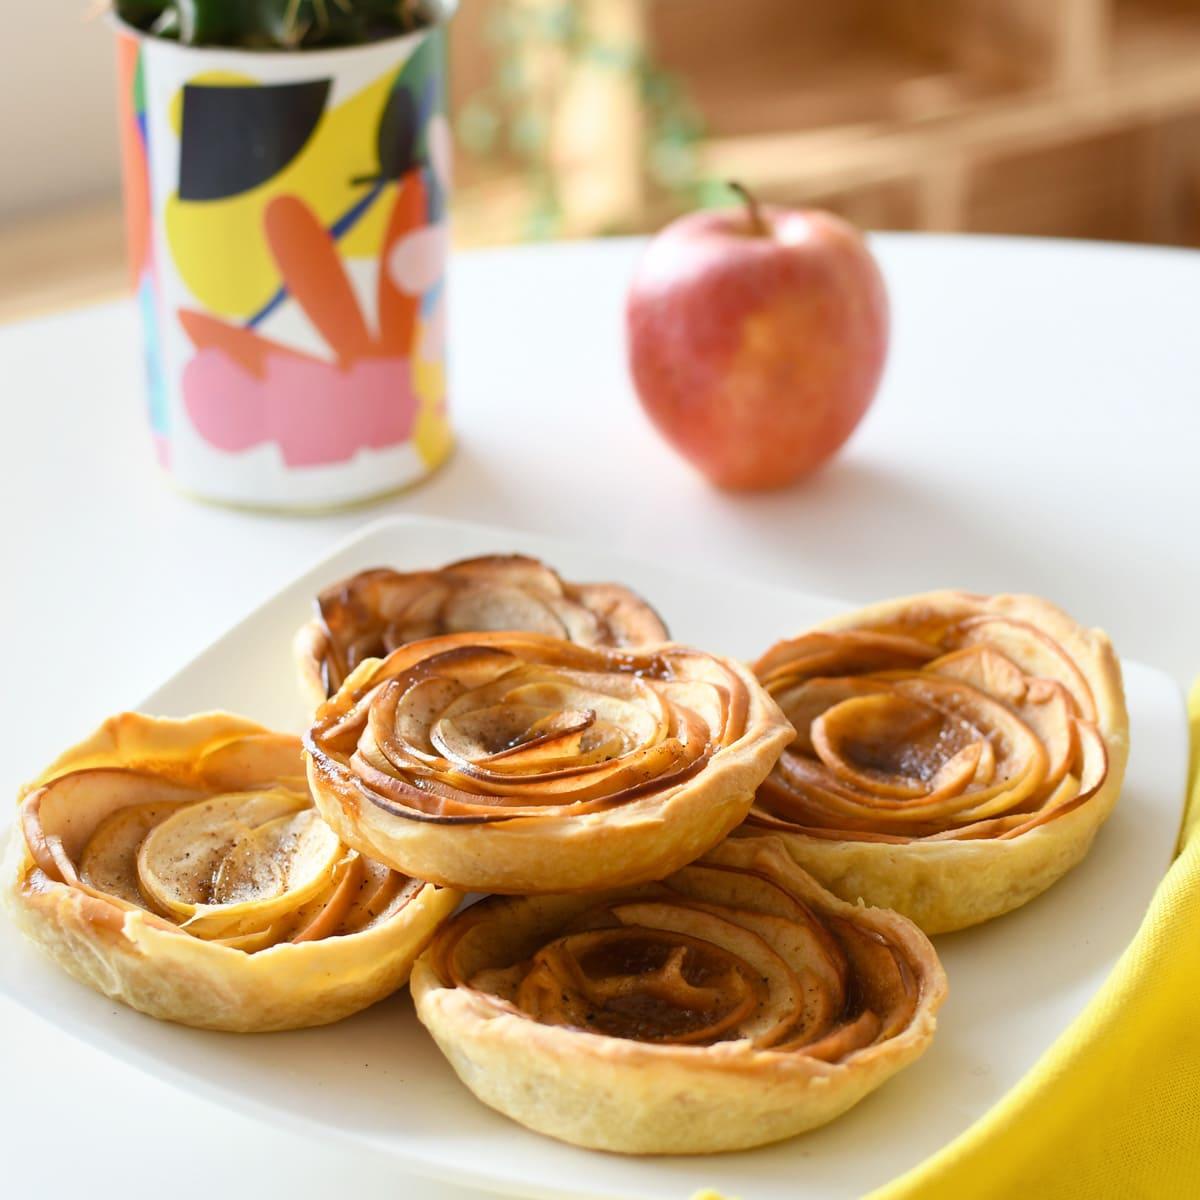 Deliciosa receta de tartaletas con manzanas y caramelo.